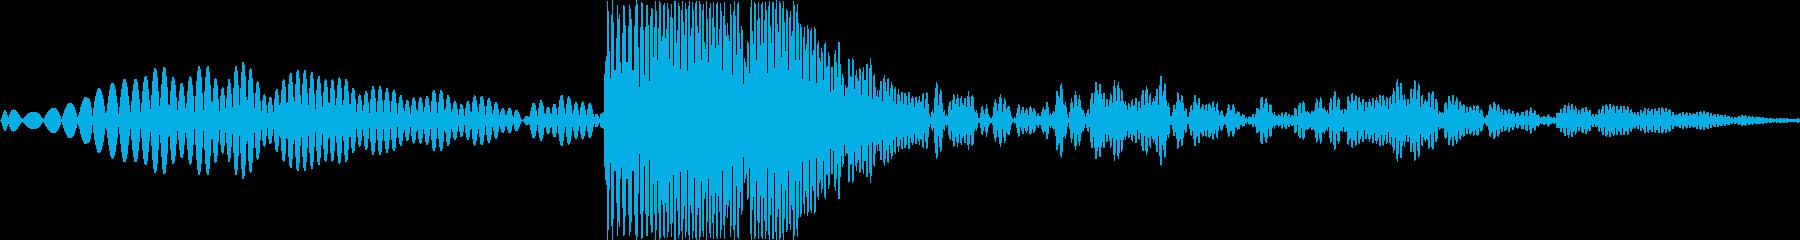 スポ!(引っこ抜く、コルク栓を抜く音)の再生済みの波形